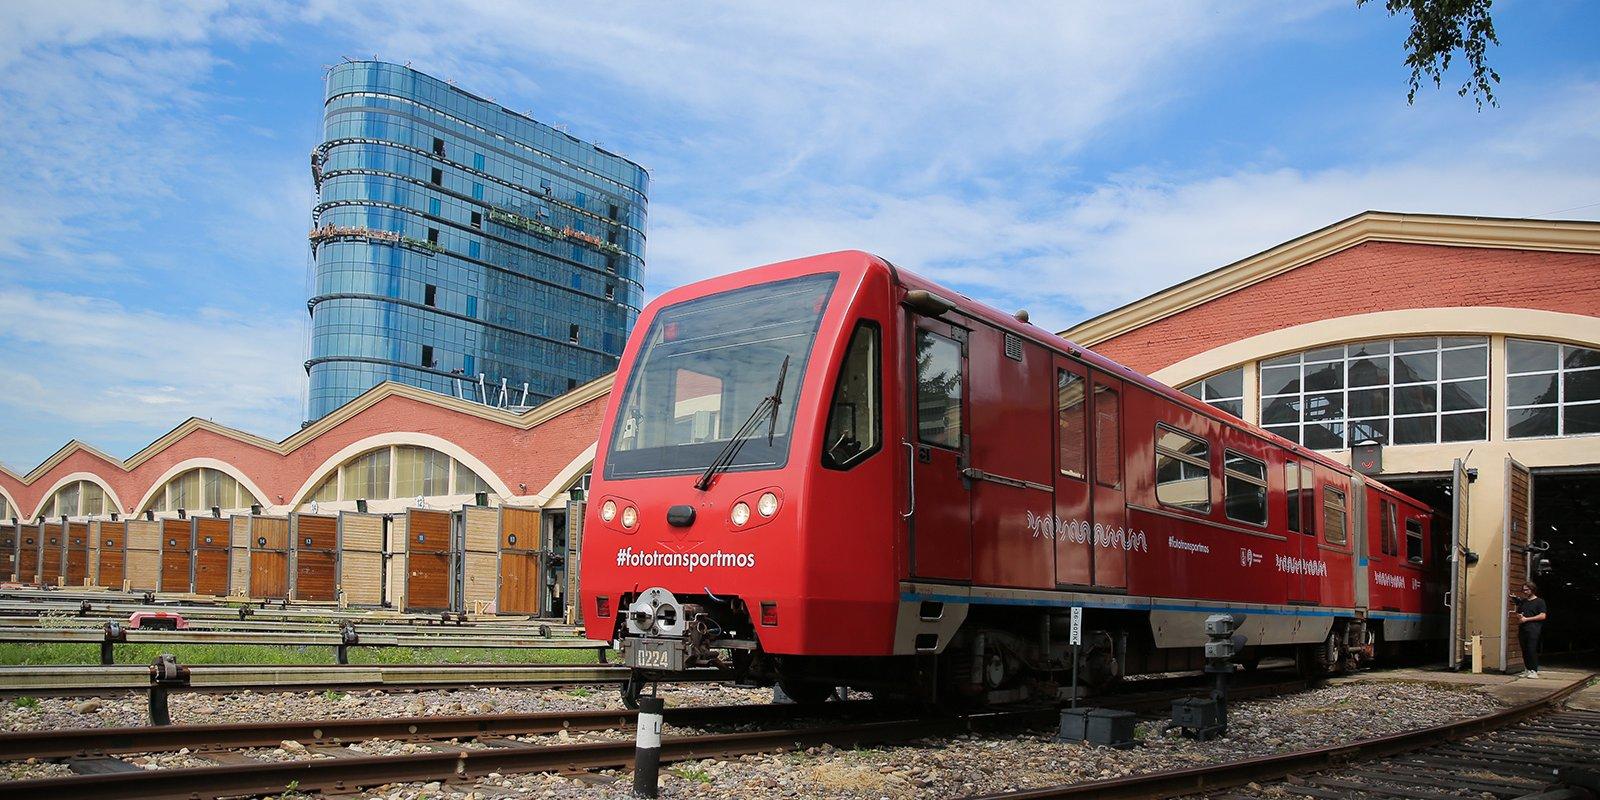 Новый тематический поезд запустили в метро Москвы